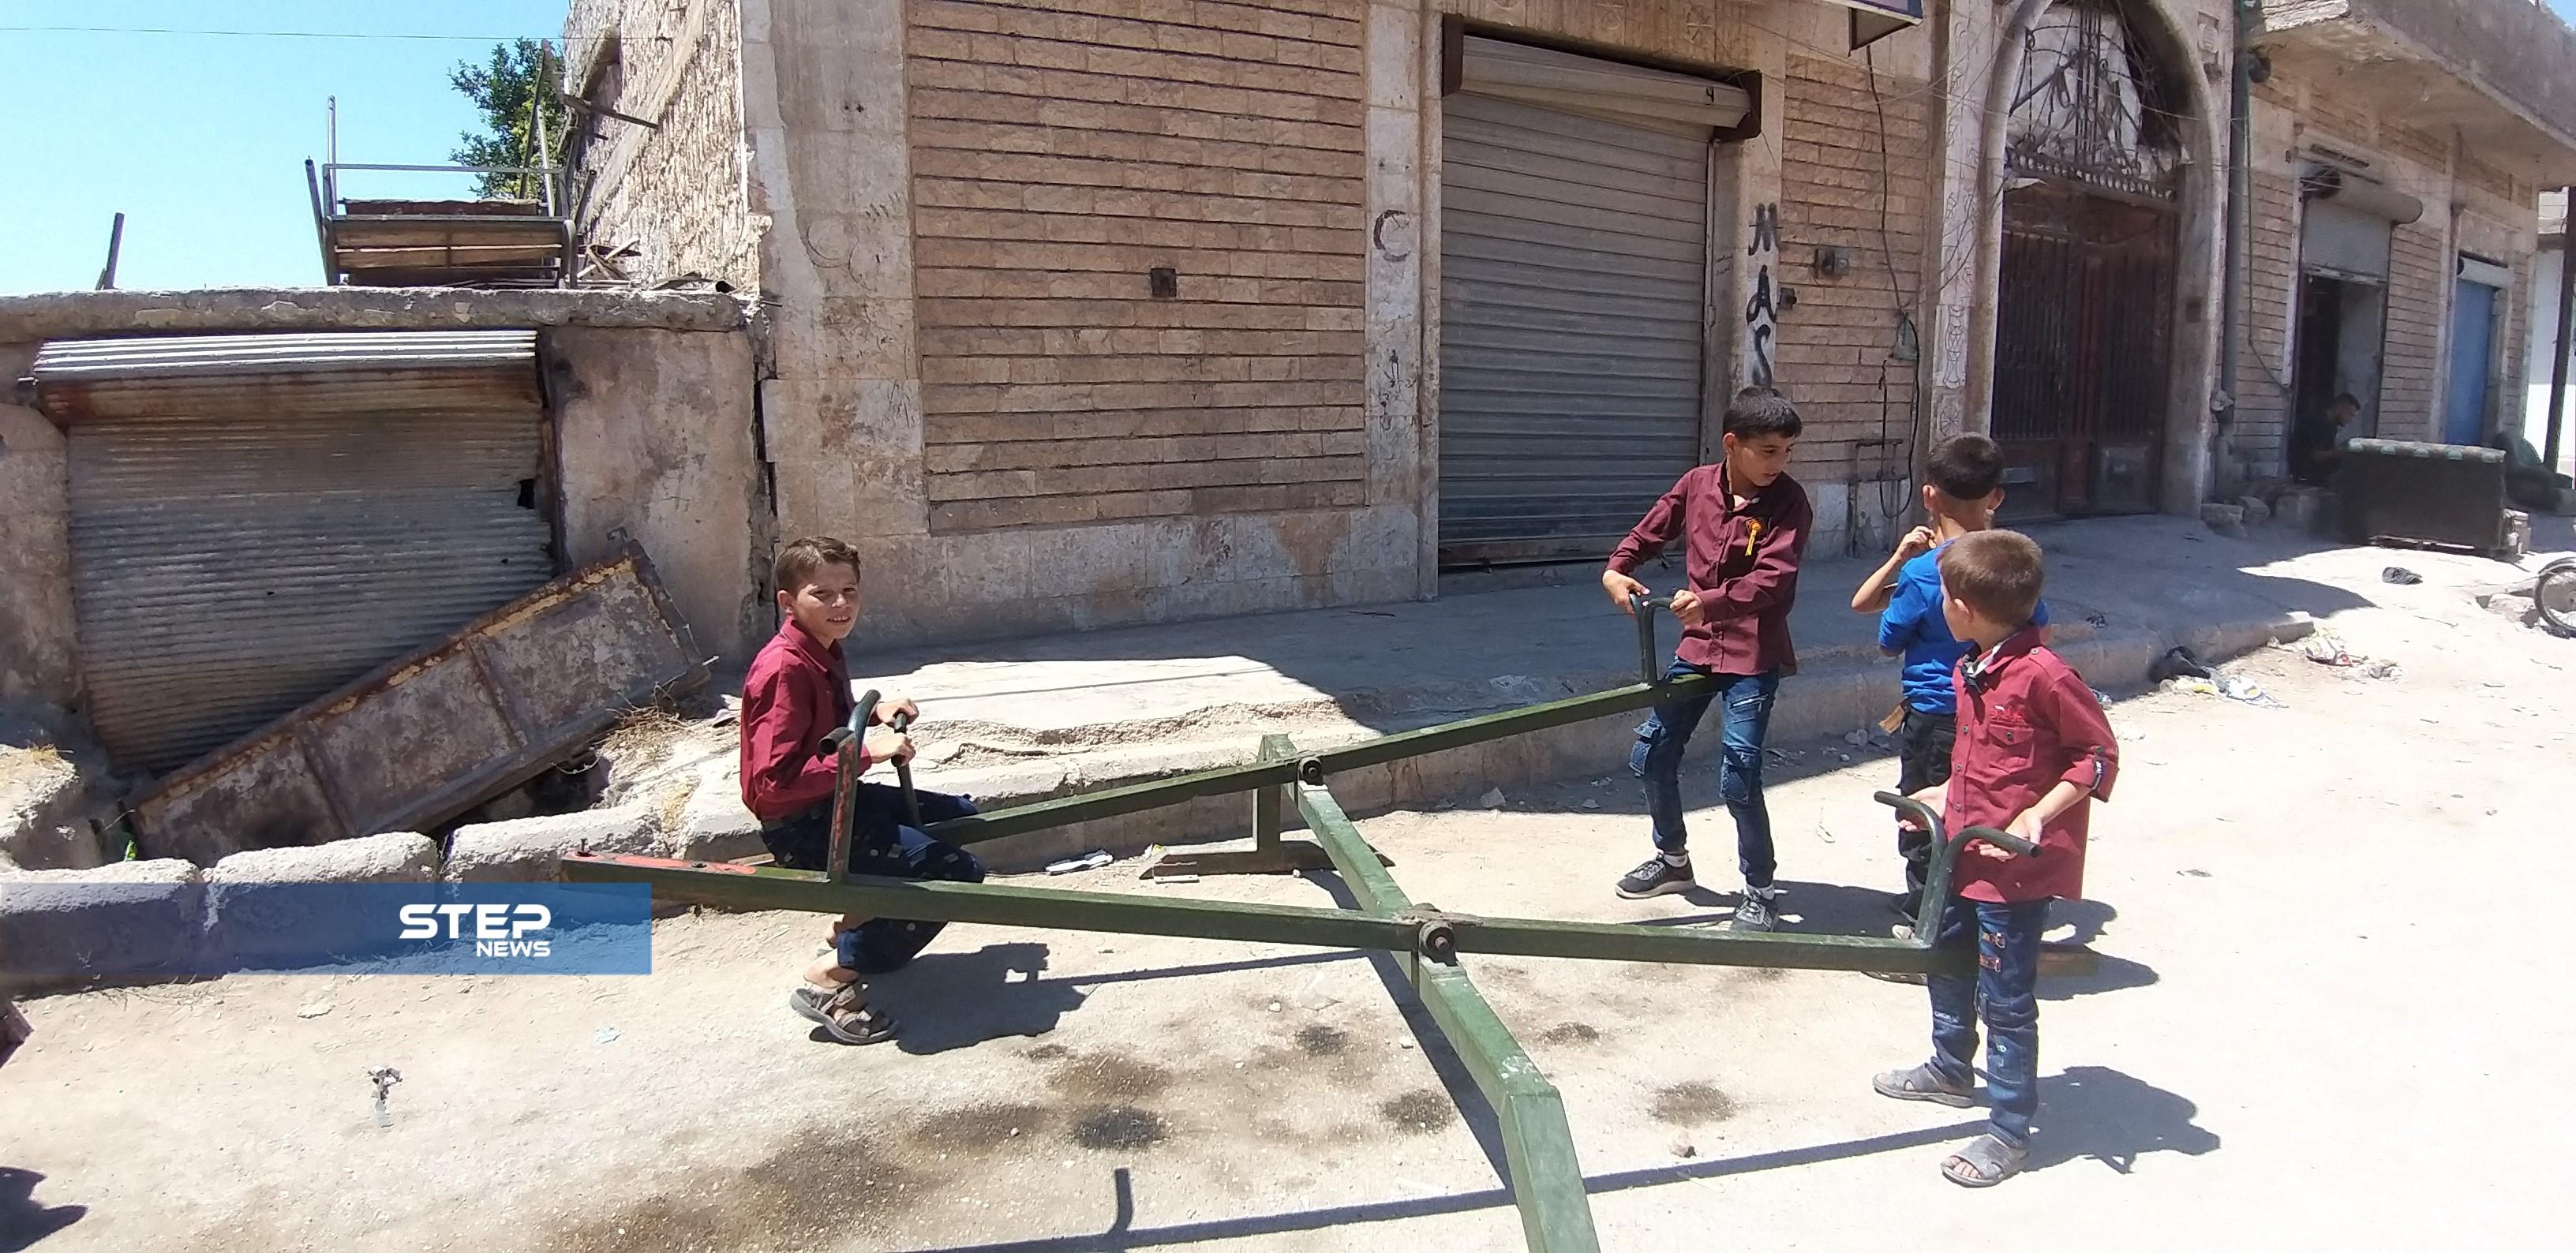 شاهد بالصور: بعض مظاهر الفرح عند الأطفال بعيد الأضحى في بلدة الجينة غرب حلب